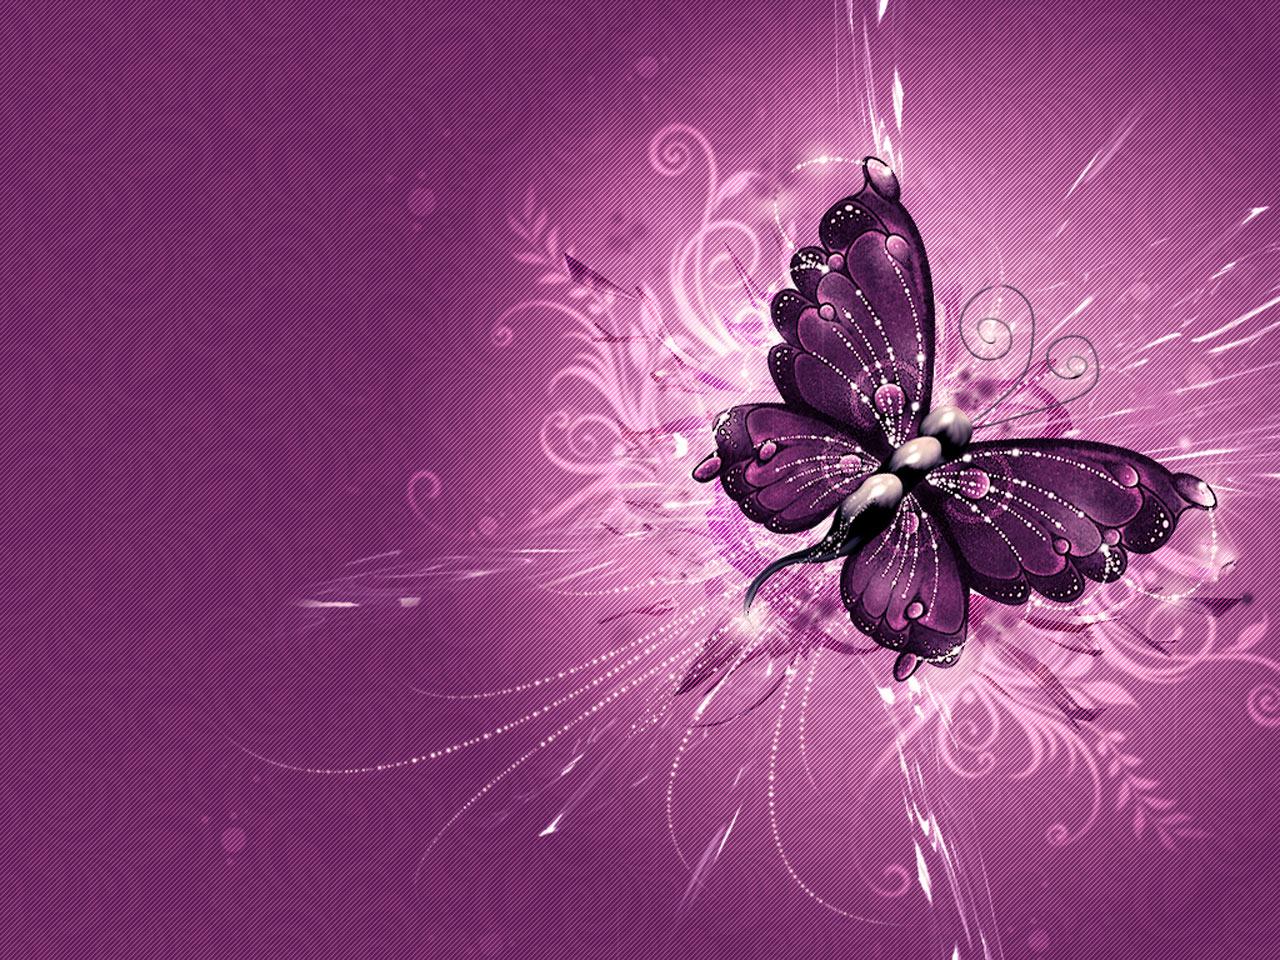 Butterfly Wallpaper wallpaper Butterfly Wallpaper hd wallpaper 1280x960